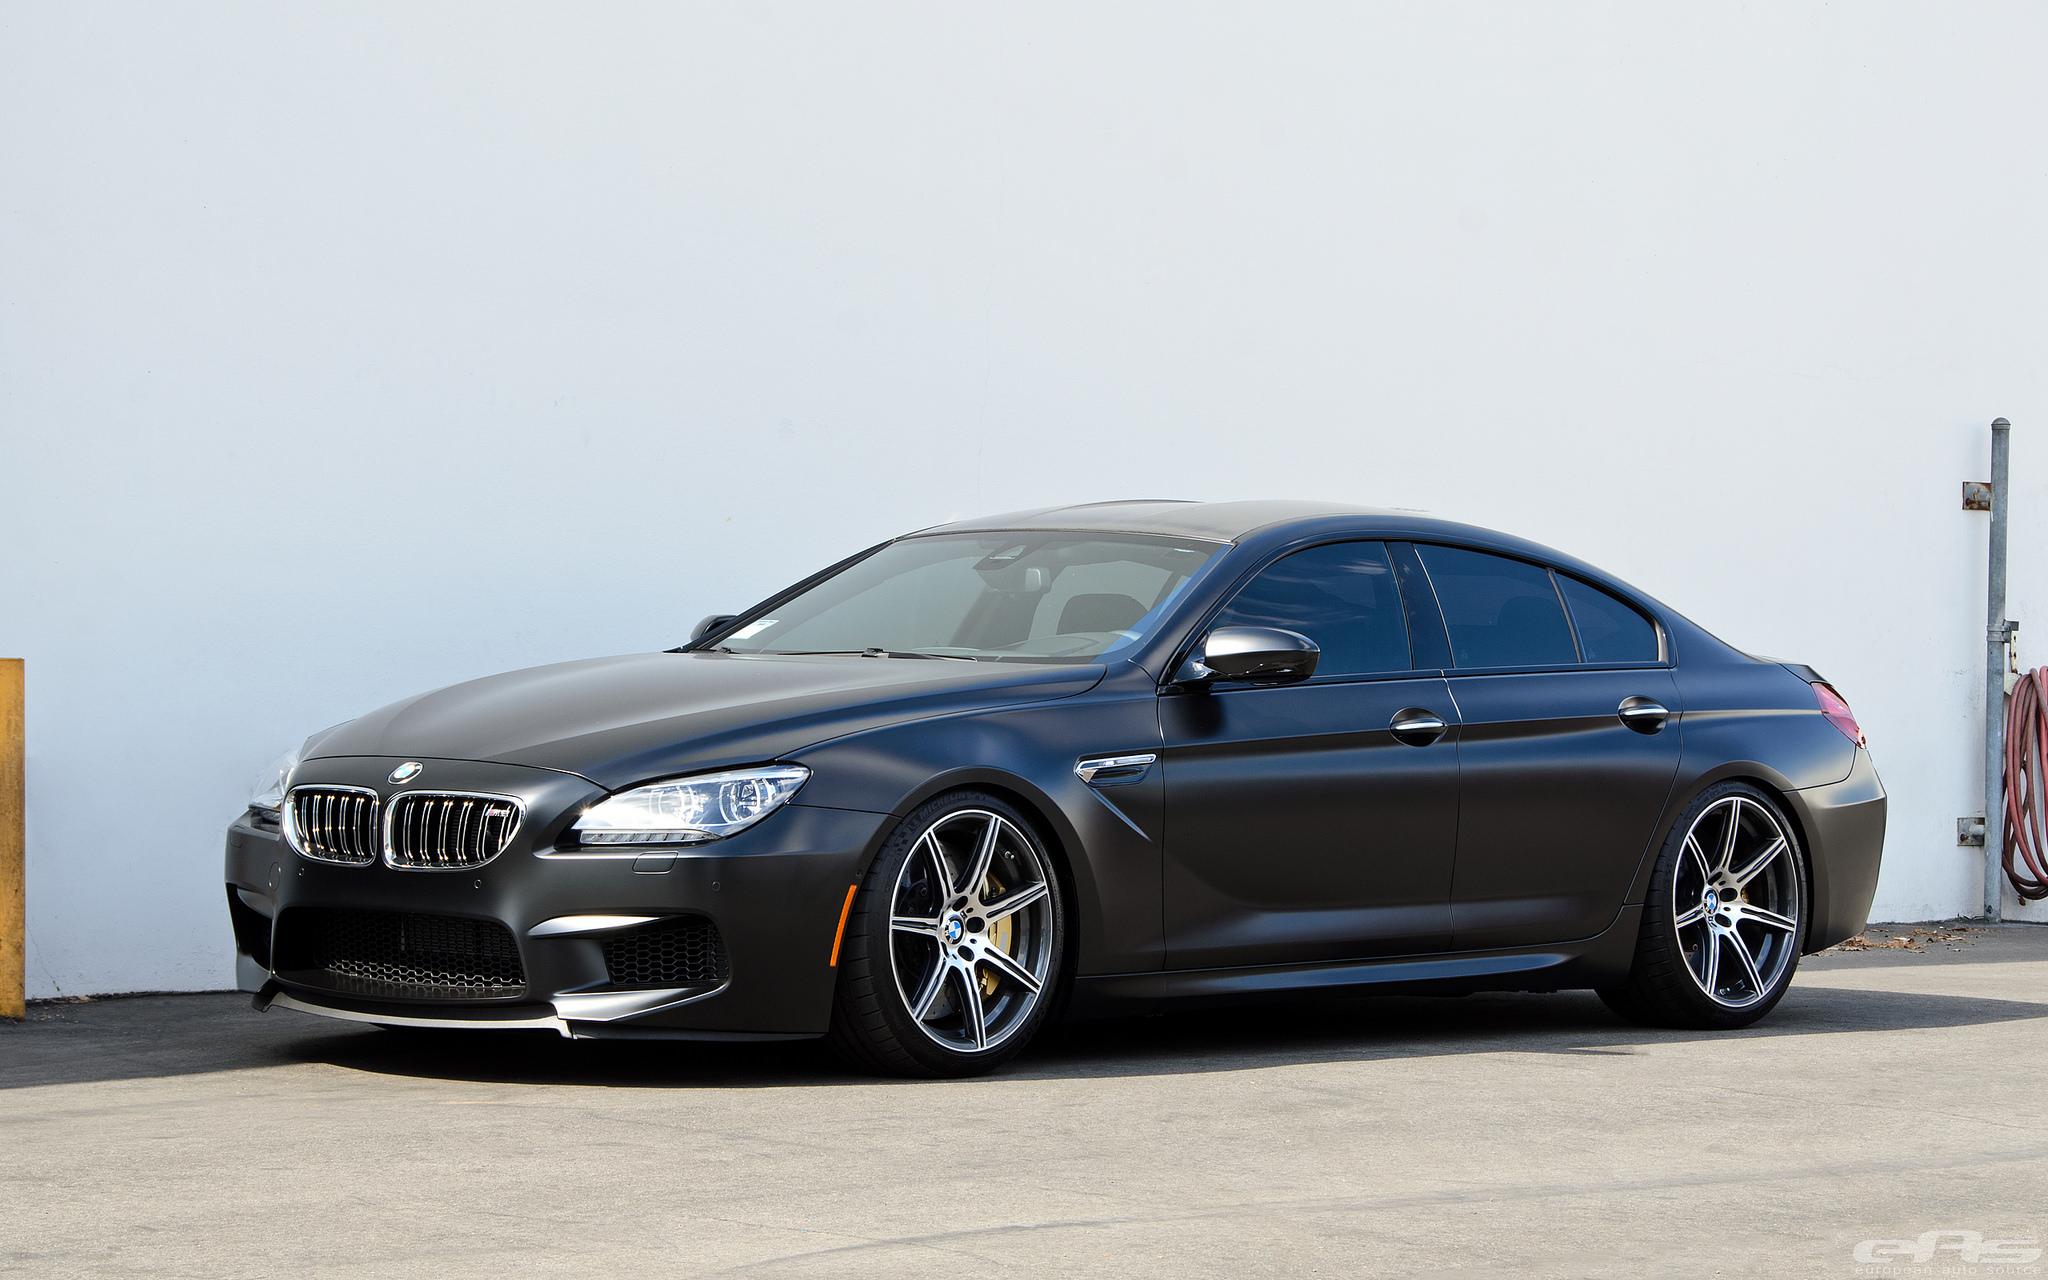 BMW M6 Gran Coupe Photo: pinterest